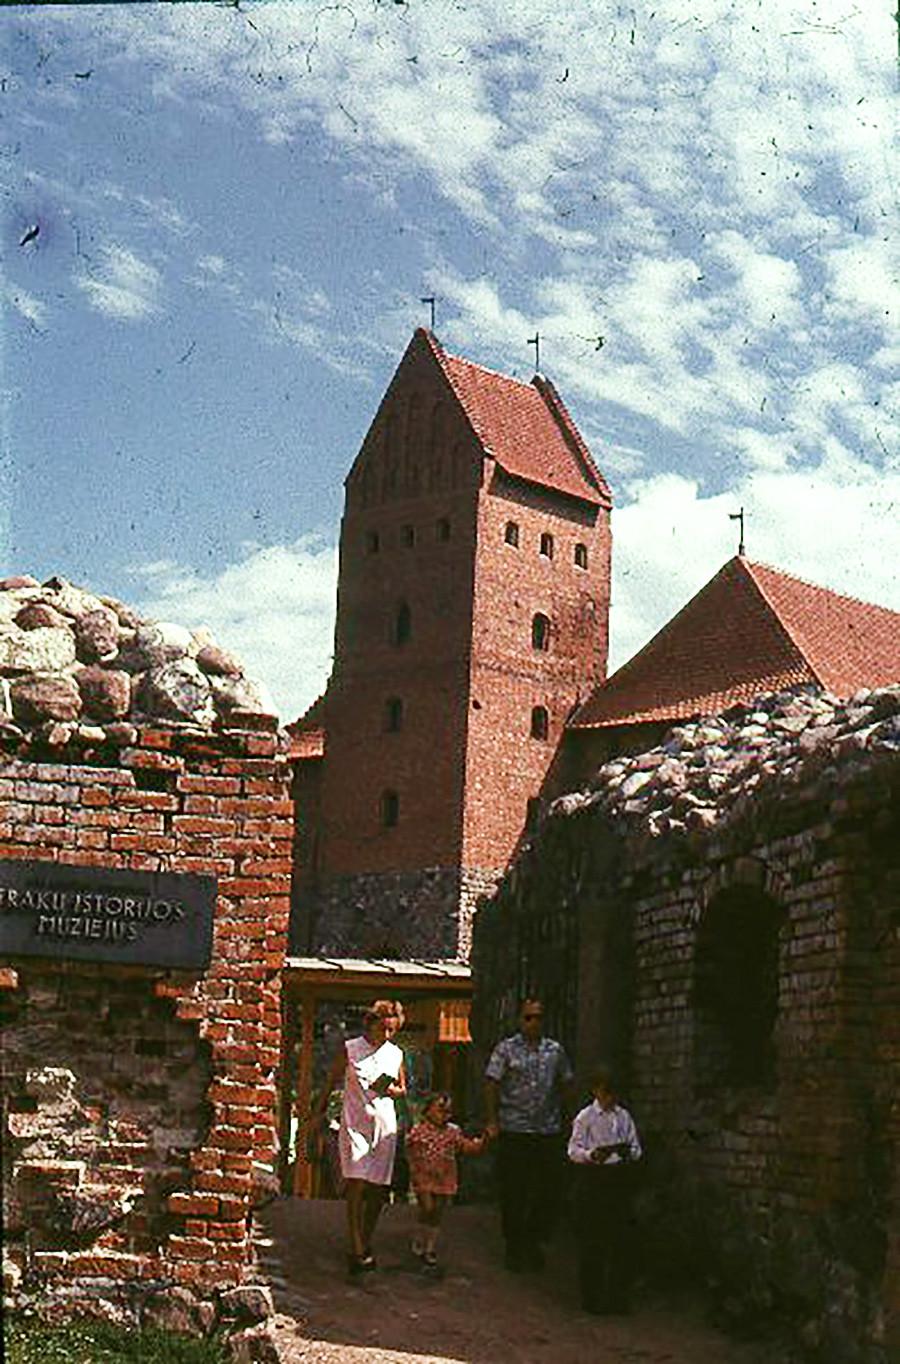 Тракајски замак Снимљено: 1965 - 1969 Замак је подигао Кејстут седамдесетих година четрнаестог века на обали језера Галве (или Тракајско језеро). Био је срушен у периоду 1382-1383. и поново изграђен већ крајем владавине Витовта. Градња је завршена 1409 године.